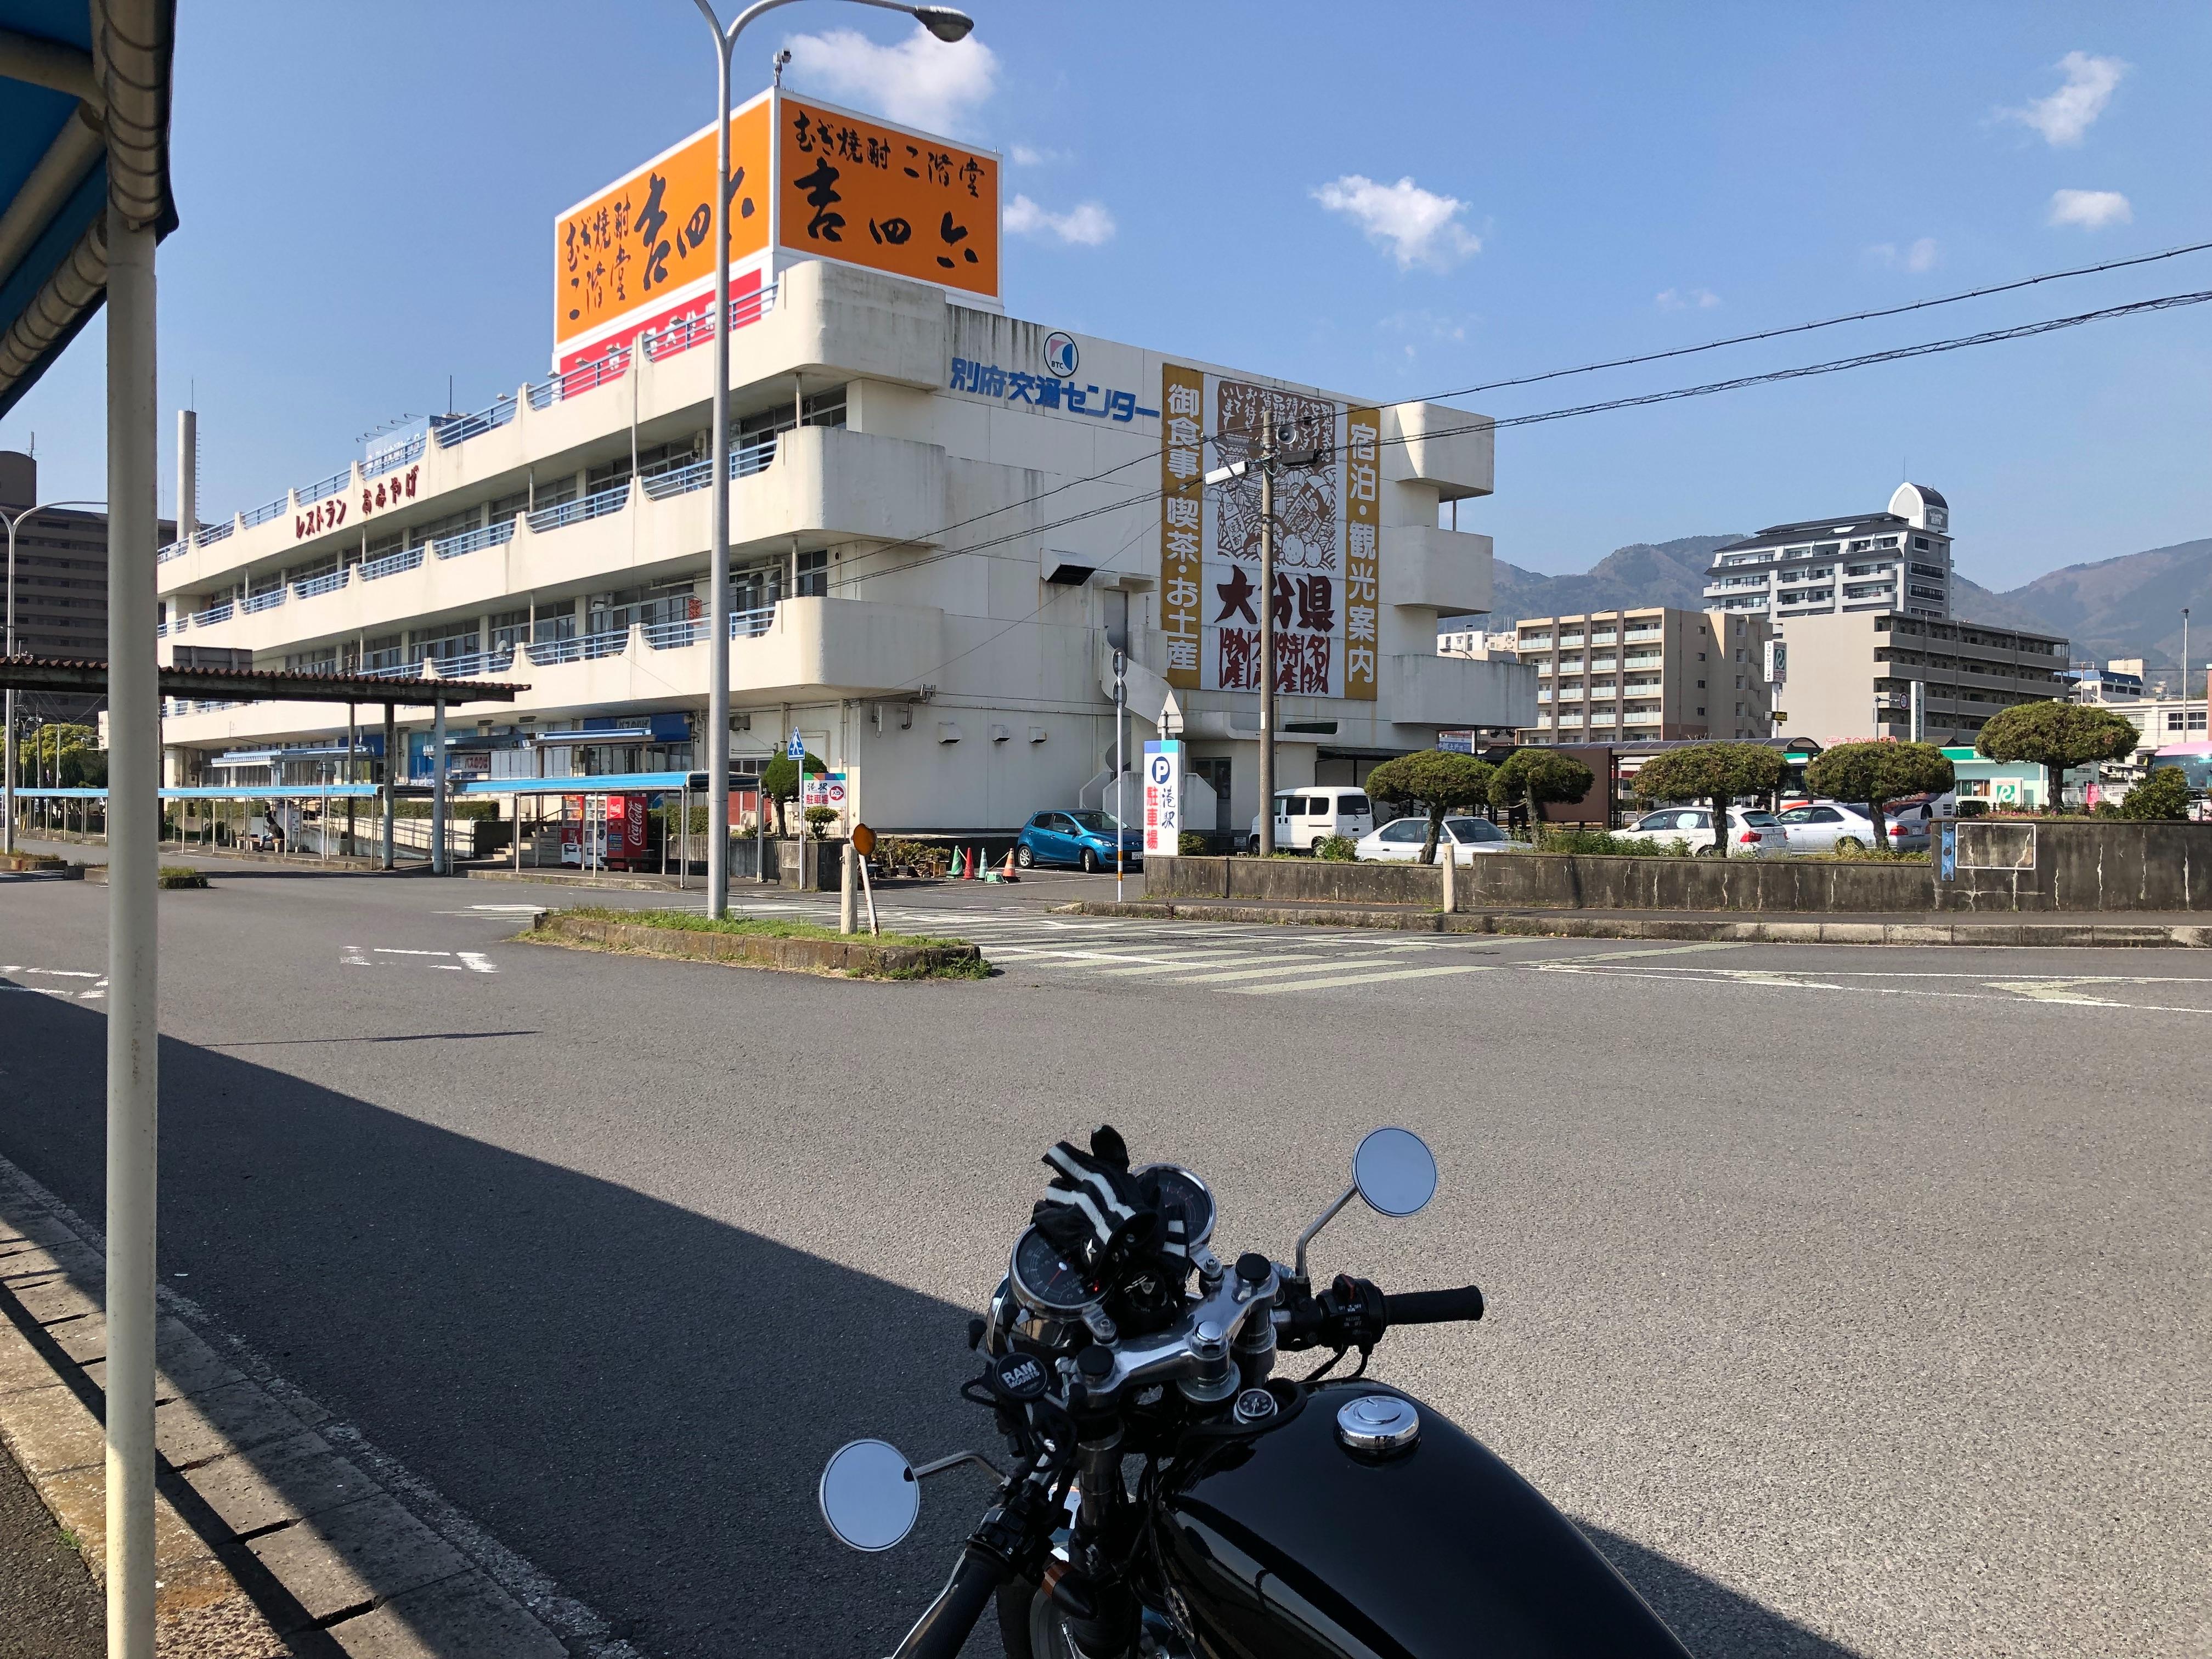 f:id:yukiaveiro:20190713215134j:image